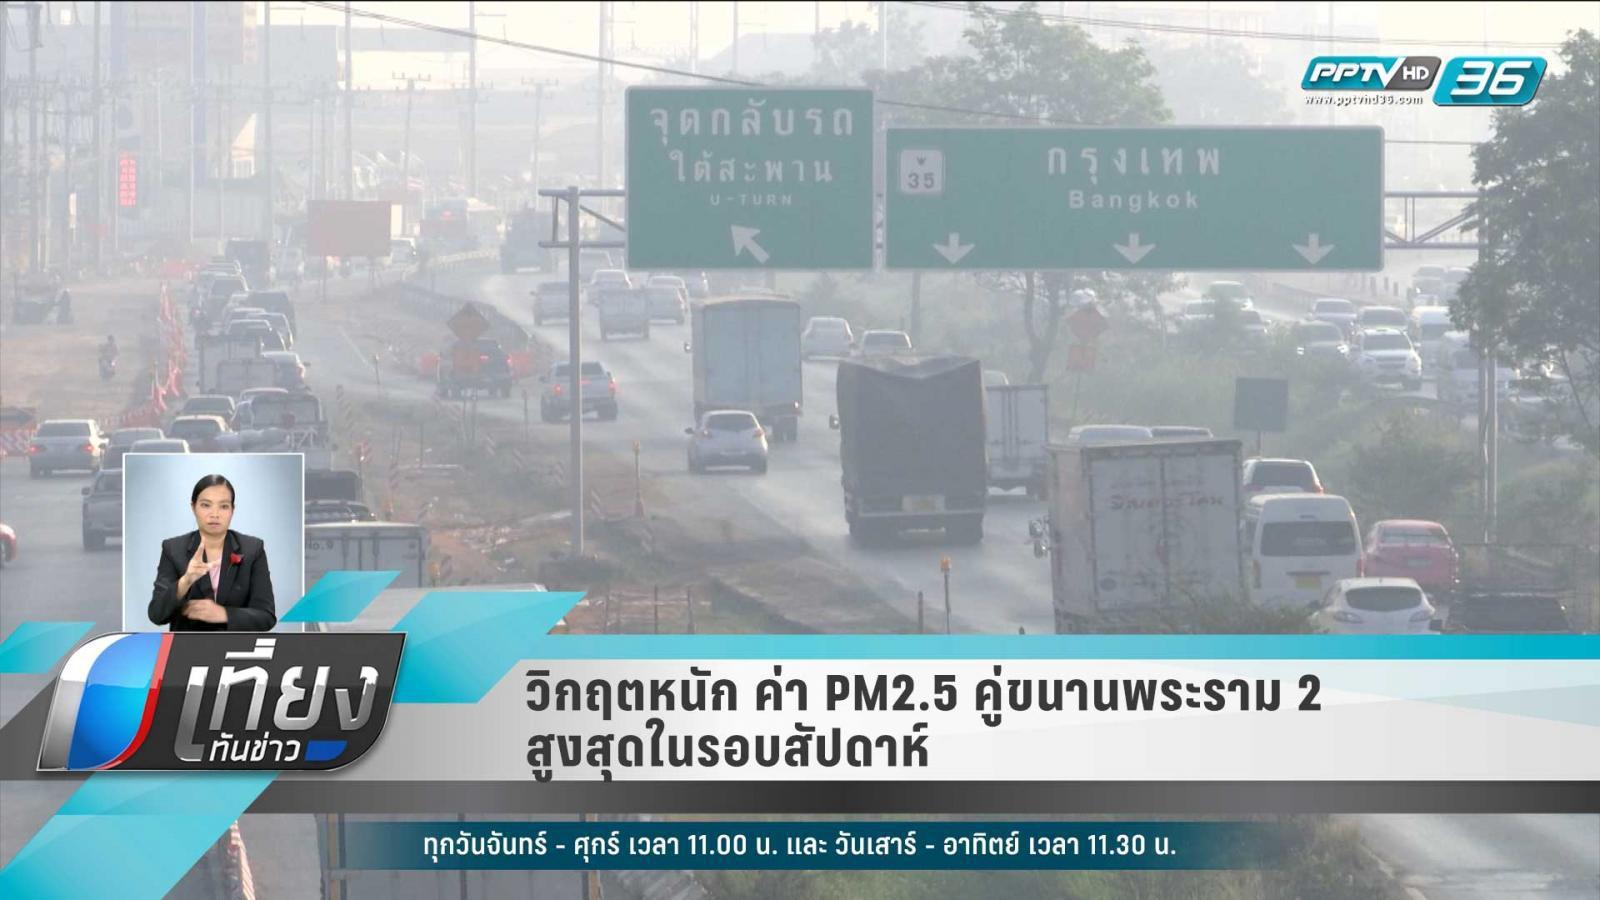 เมืองสมุทรสาคร ฝุ่น PM2.5 เกินมาตรฐานองค์การอนามัยโลก เกือบ 4 เท่า!